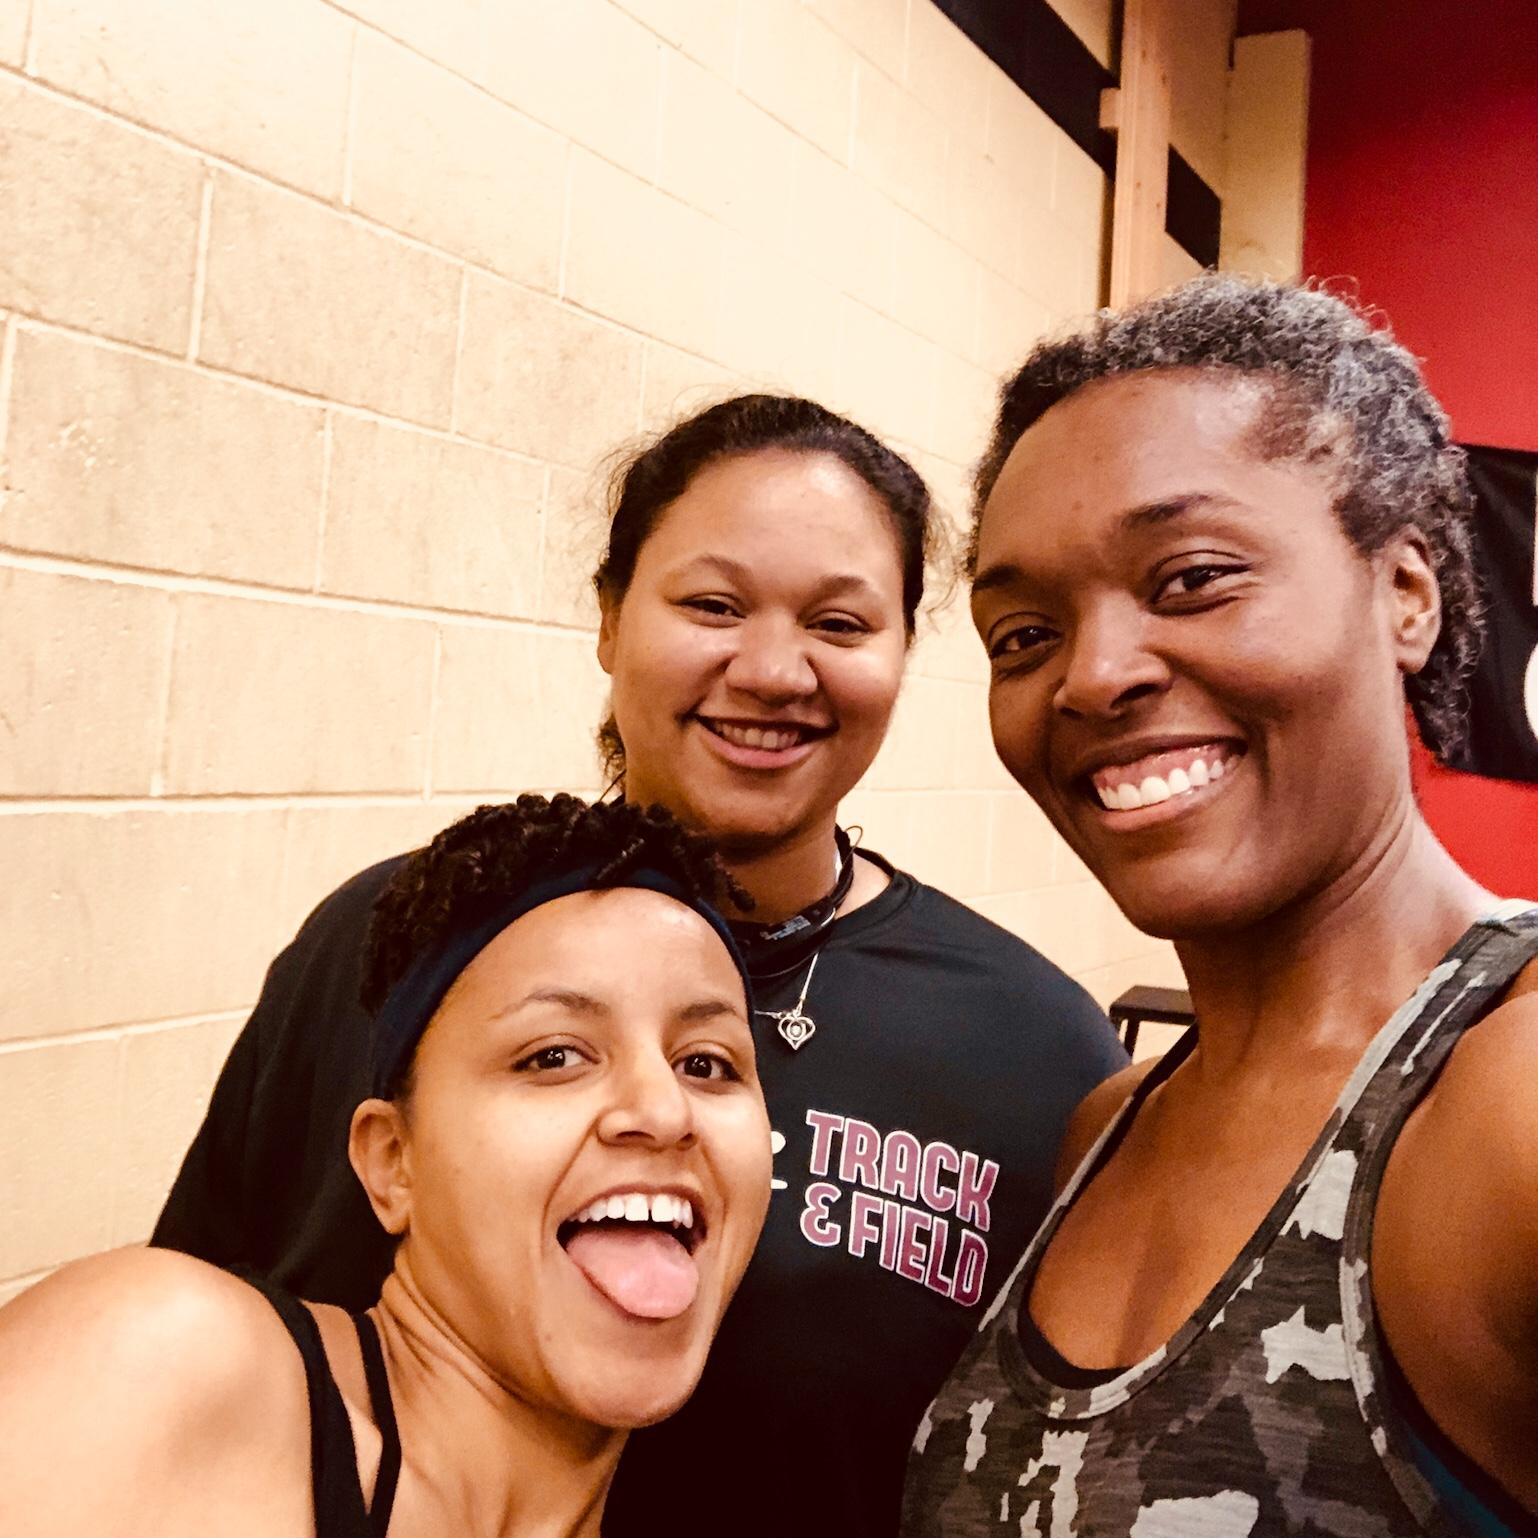 From L to R: Becca, Tiffany, Tonya. We (I) made it!